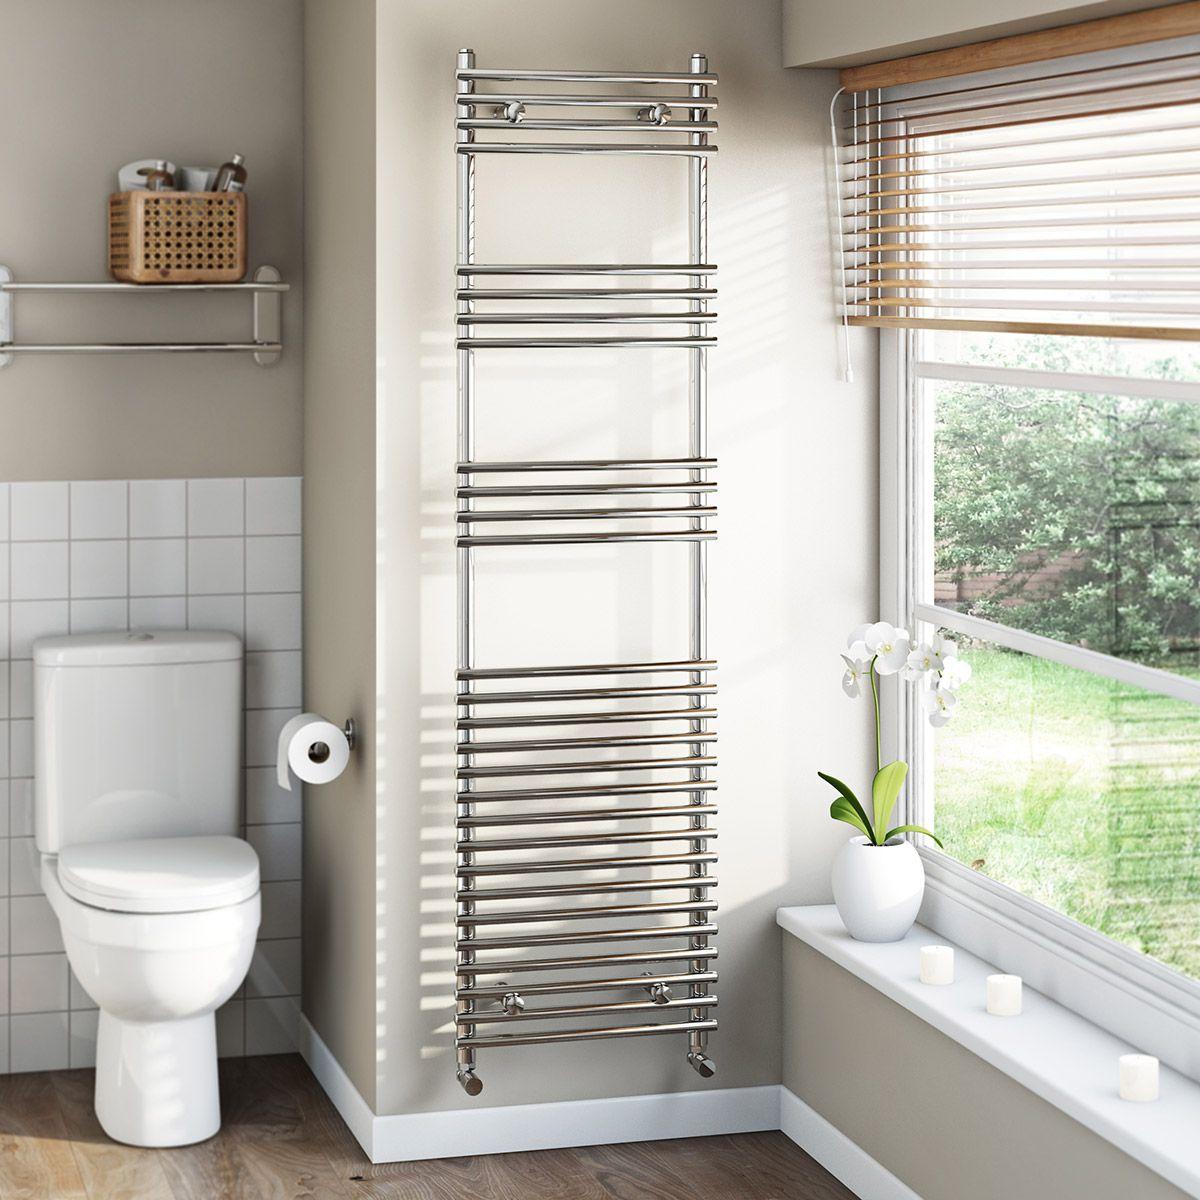 189 Tubular Heated Towel Rail 1650 x